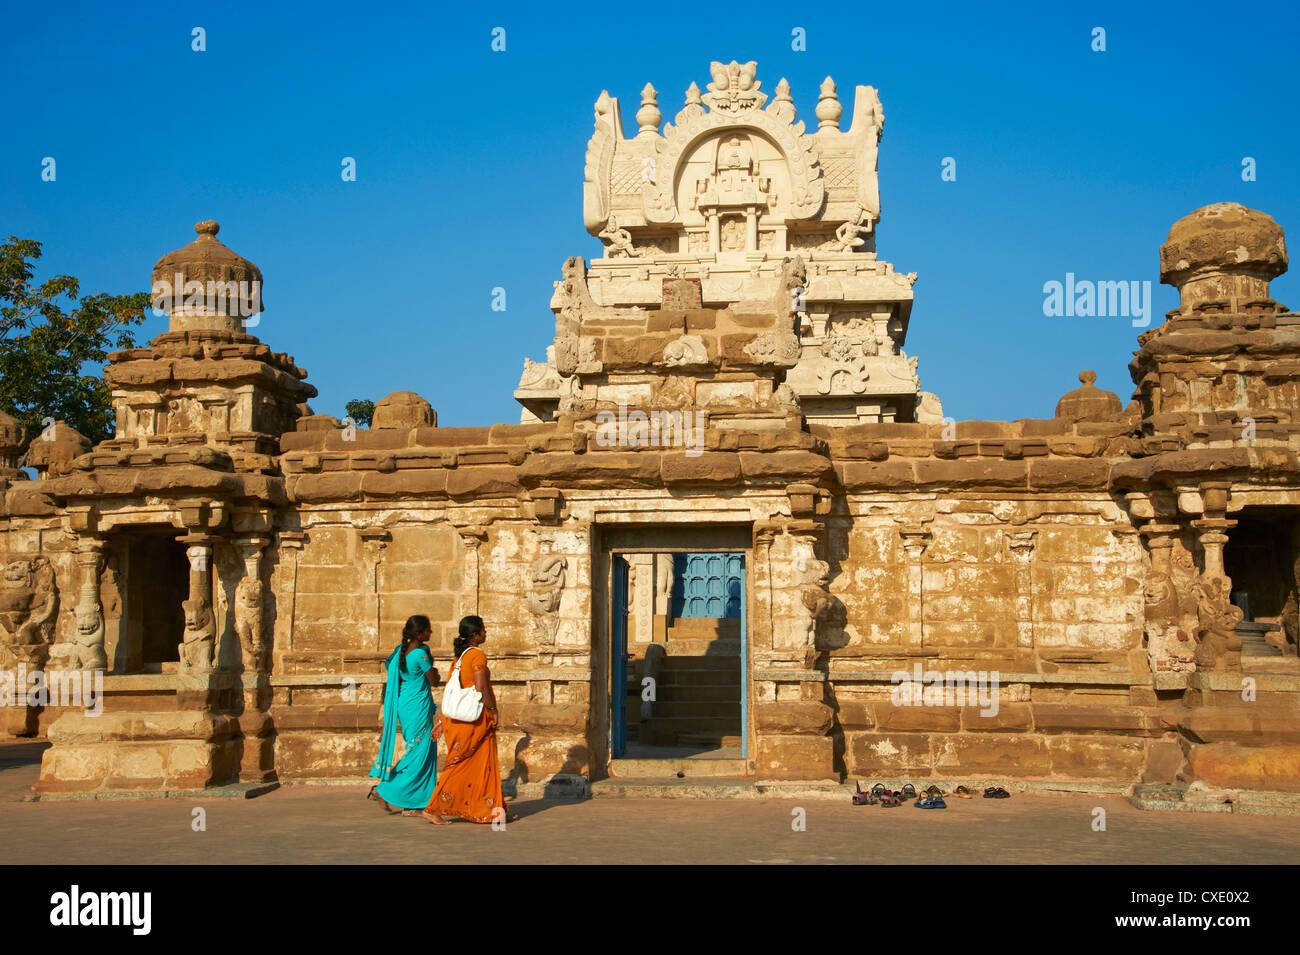 Temple Kailasanatha datant de 8ème siècle, Kanchipuram, Tamil Nadu, Inde, Asie Banque D'Images